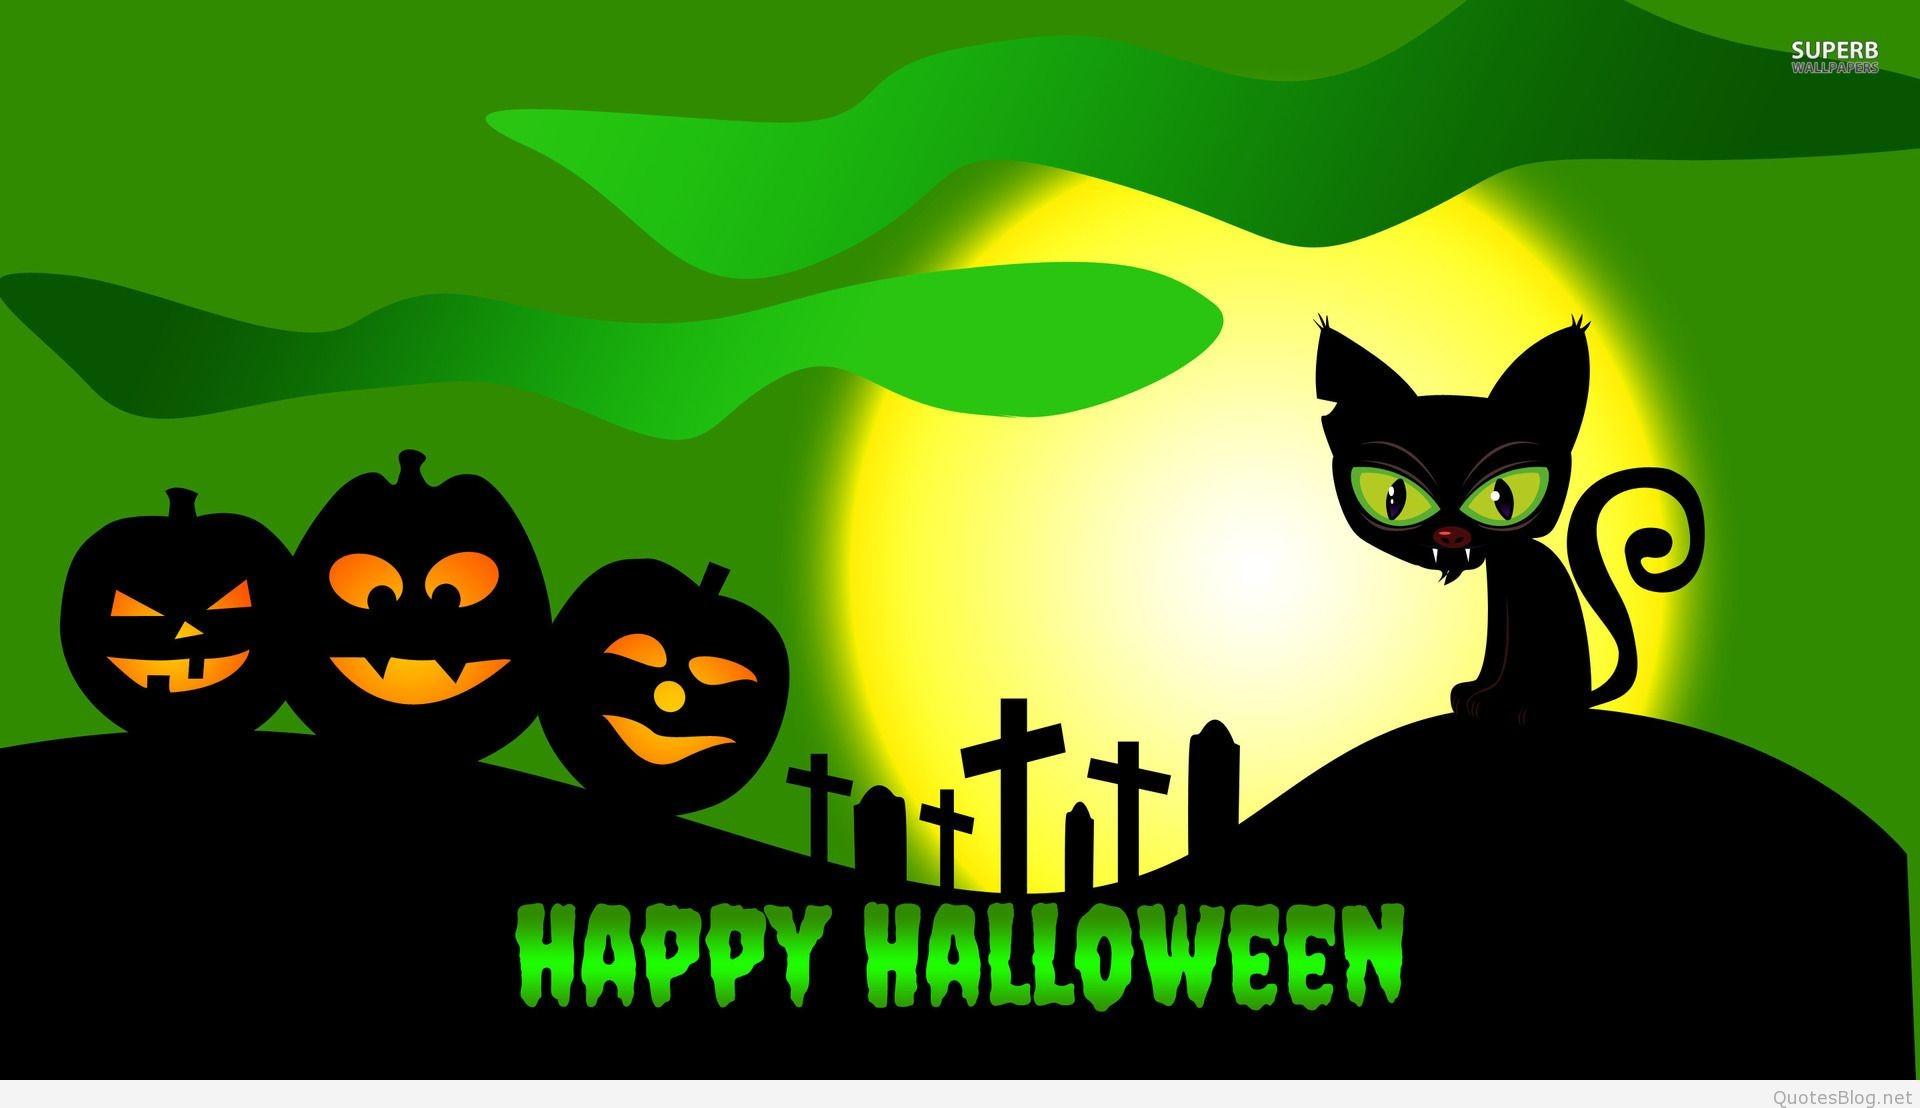 Wallpaper Happy Halloween, 4K, Celebrations / Halloween, #5395